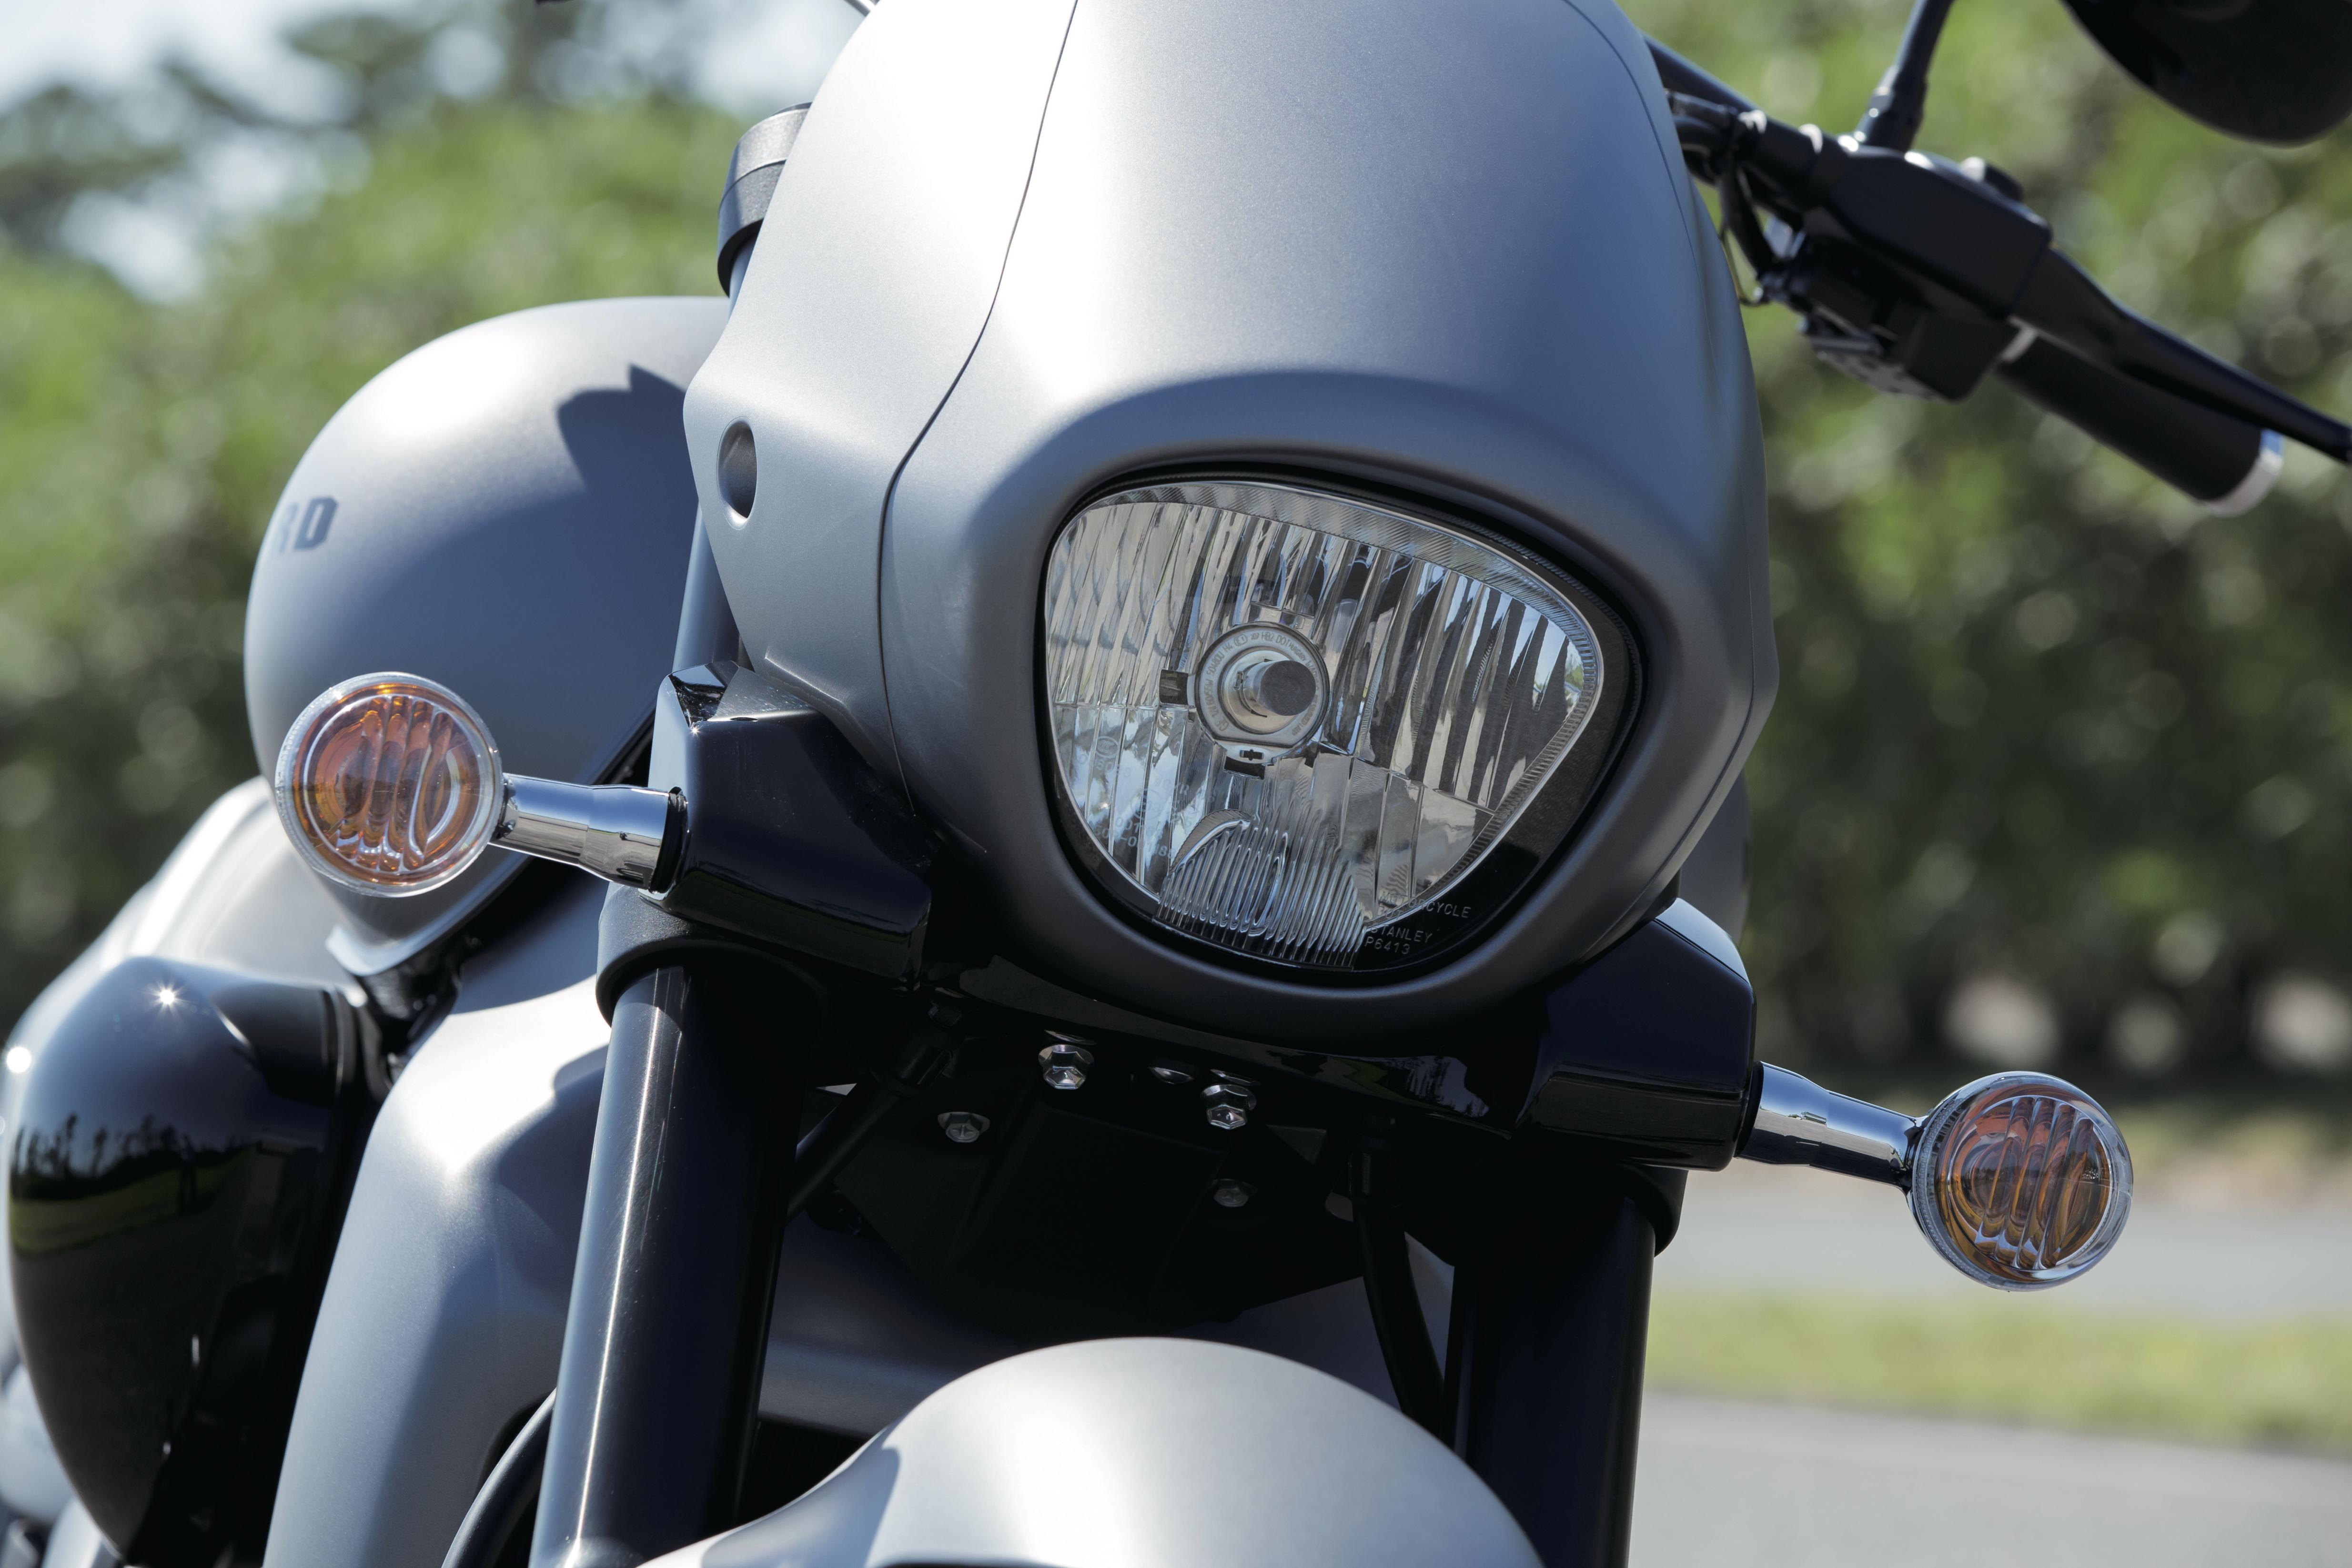 Intruder Alert: The Suzuki VZR 1800 Intruder review – The